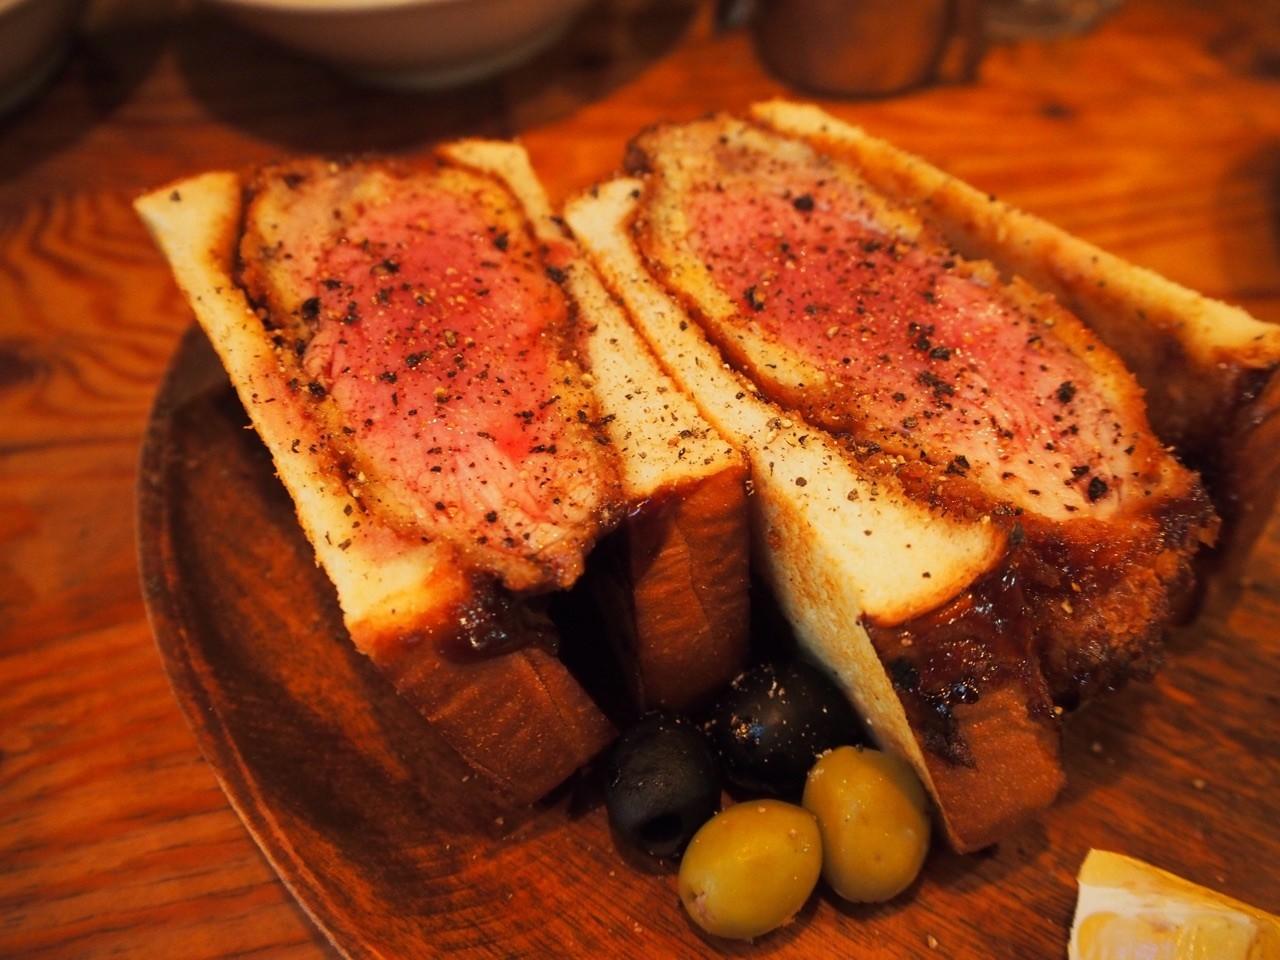 大正『nono』令人驚豔的超大份量炸豬排三明治!